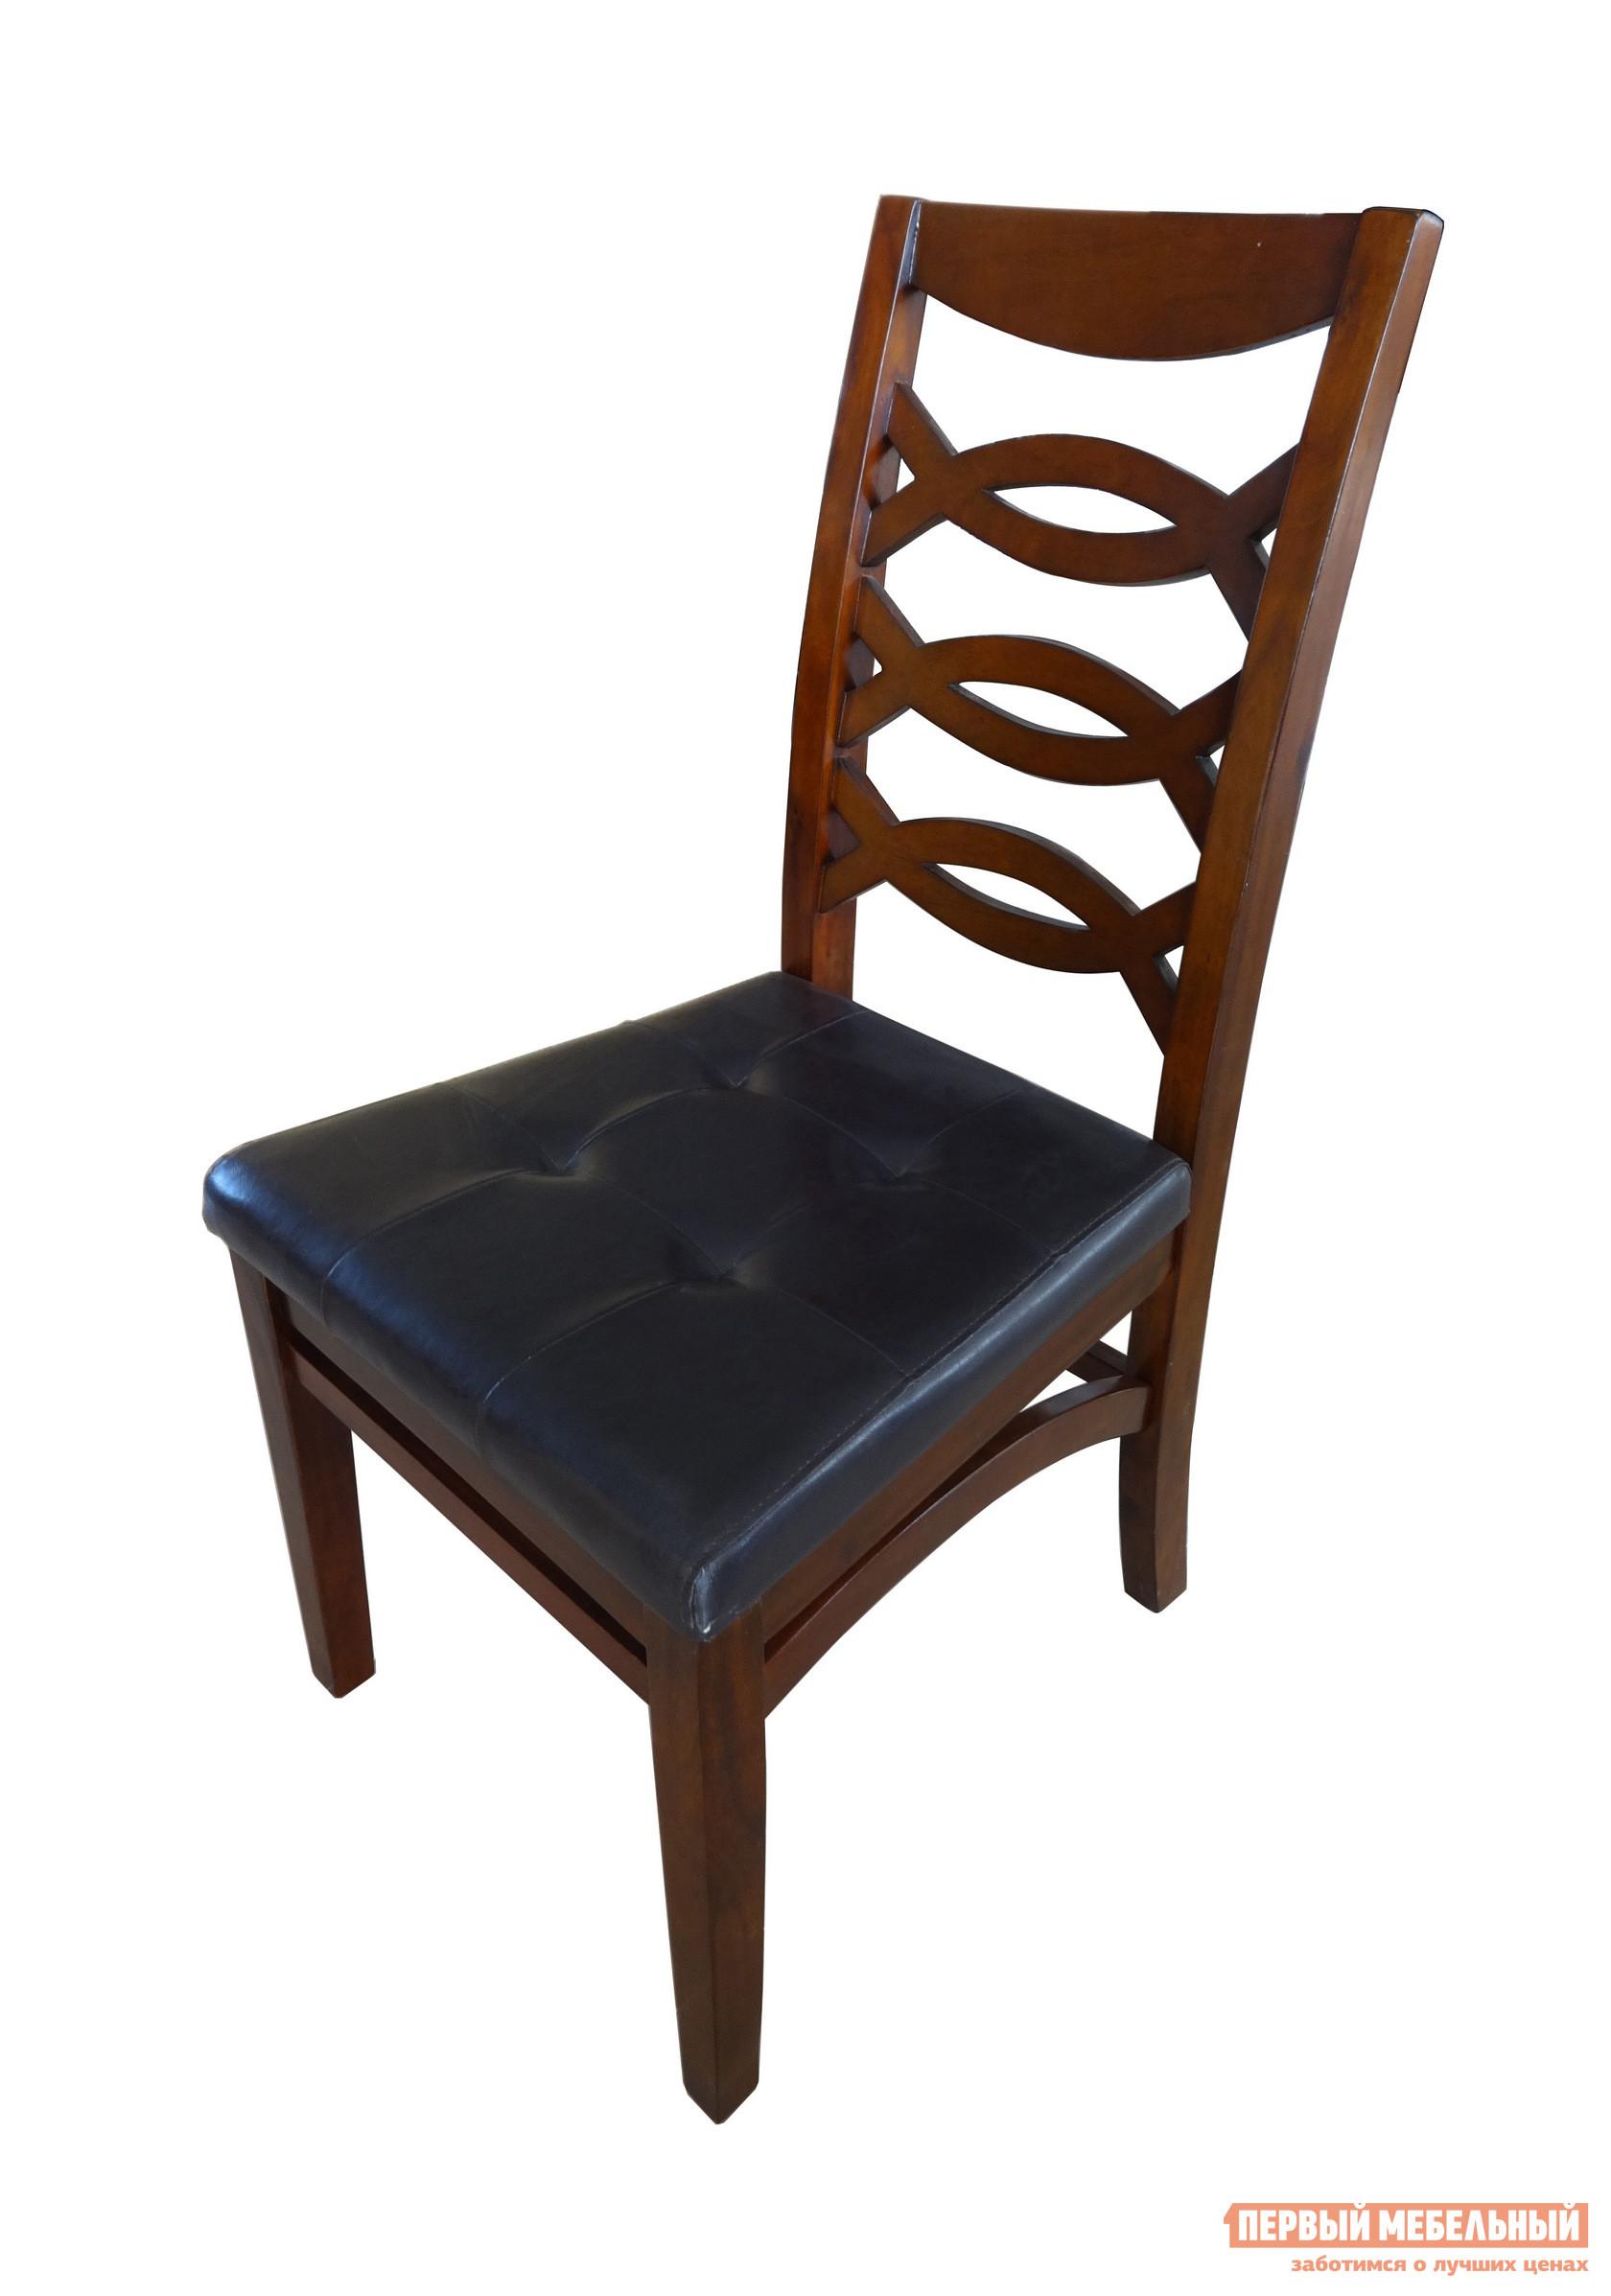 Стул Tetchair 863 - 48 SC Темно-коричневыйСтулья для кухни<br>Габаритные размеры ВхШхГ 1030x520x643 мм. Классический деревянный стул с высокой спинкой.  Модель станет прекрасным элементом в классическом интерьере столовой зоны, гостиной или на кухне. Спинка декорирована резными необычными элементами, ножки соединяются массивными гнутыми ребрами жесткости.  Эти детали делают модель изысканной и стильной. Сидение имеет стеганые вставки. Корпус стула изготавливается из массива акации, обивка сидения — искусственная кожа.<br><br>Цвет: Темно-коричневый<br>Цвет: Коричневое дерево<br>Высота мм: 1030<br>Ширина мм: 520<br>Глубина мм: 643<br>Кол-во упаковок: 1<br>Форма поставки: В разобранном виде<br>Срок гарантии: 1 год<br>Тип: в гостиную<br>Материал: Деревянные, из искусственной кожи, Из натурального дерева<br>Порода дерева: из акации<br>Особенности: С мягким сиденьем, Без подлокотников